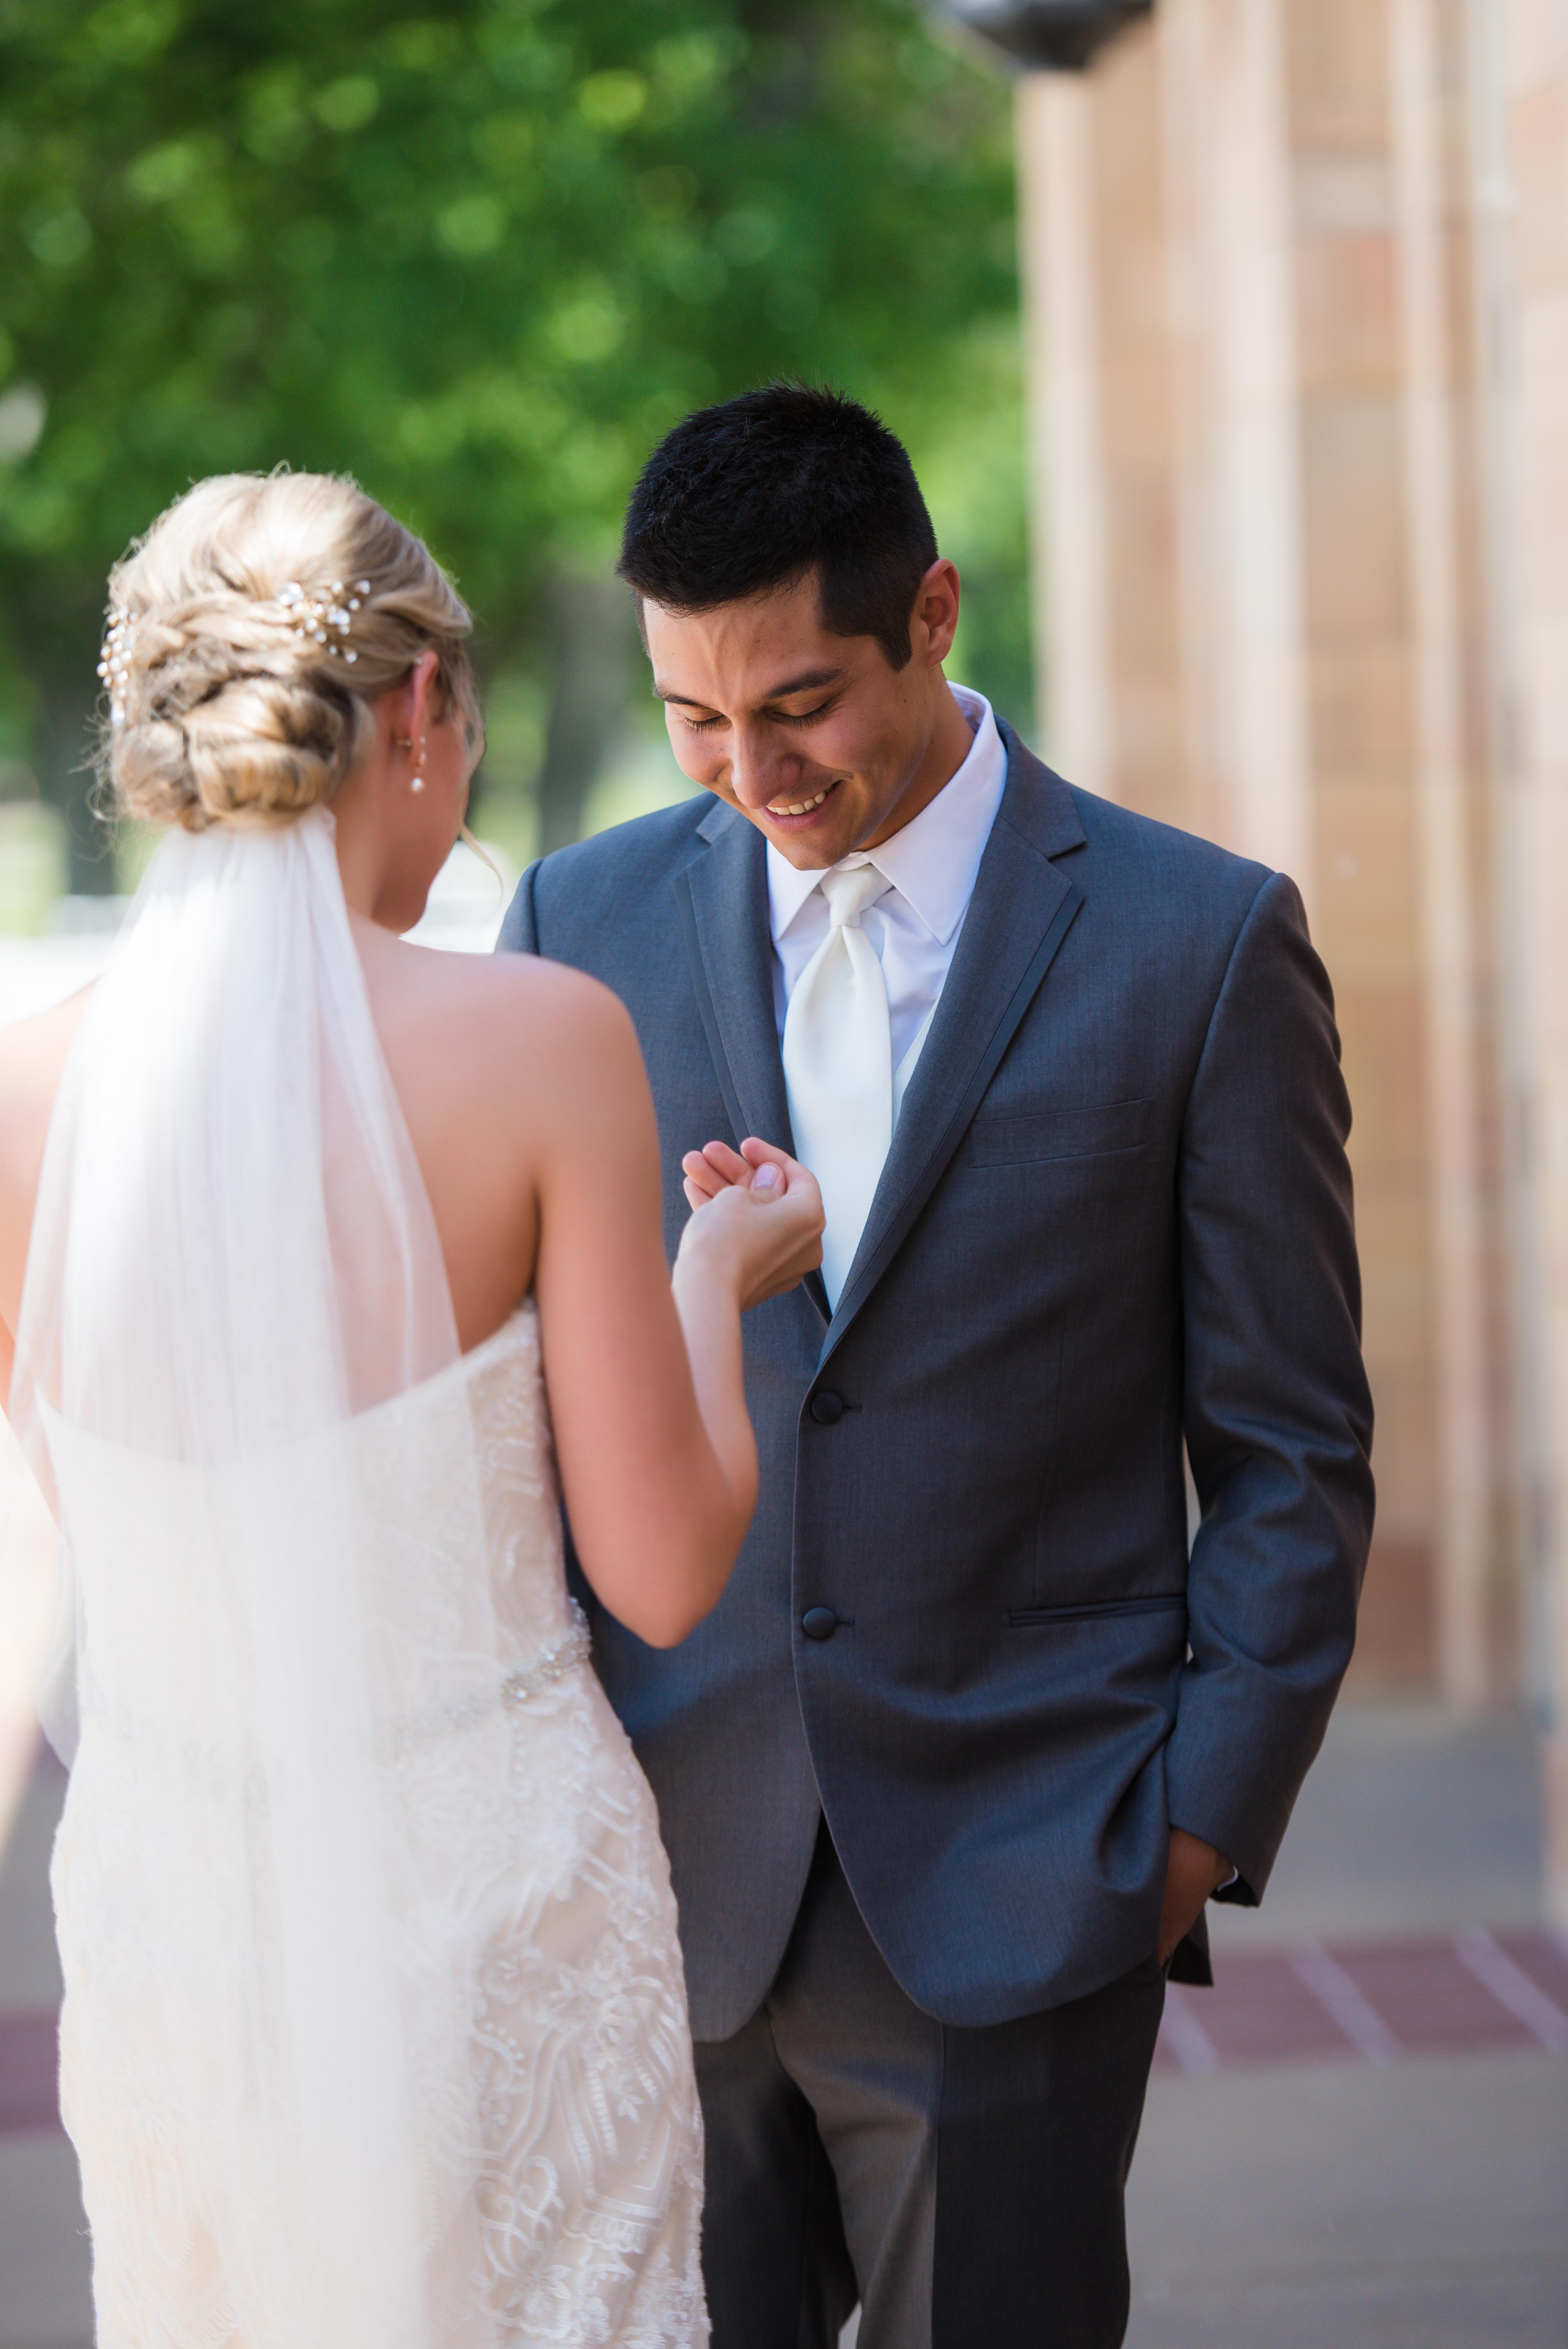 twincities wedding photography east oaks photography wedding photo (2)